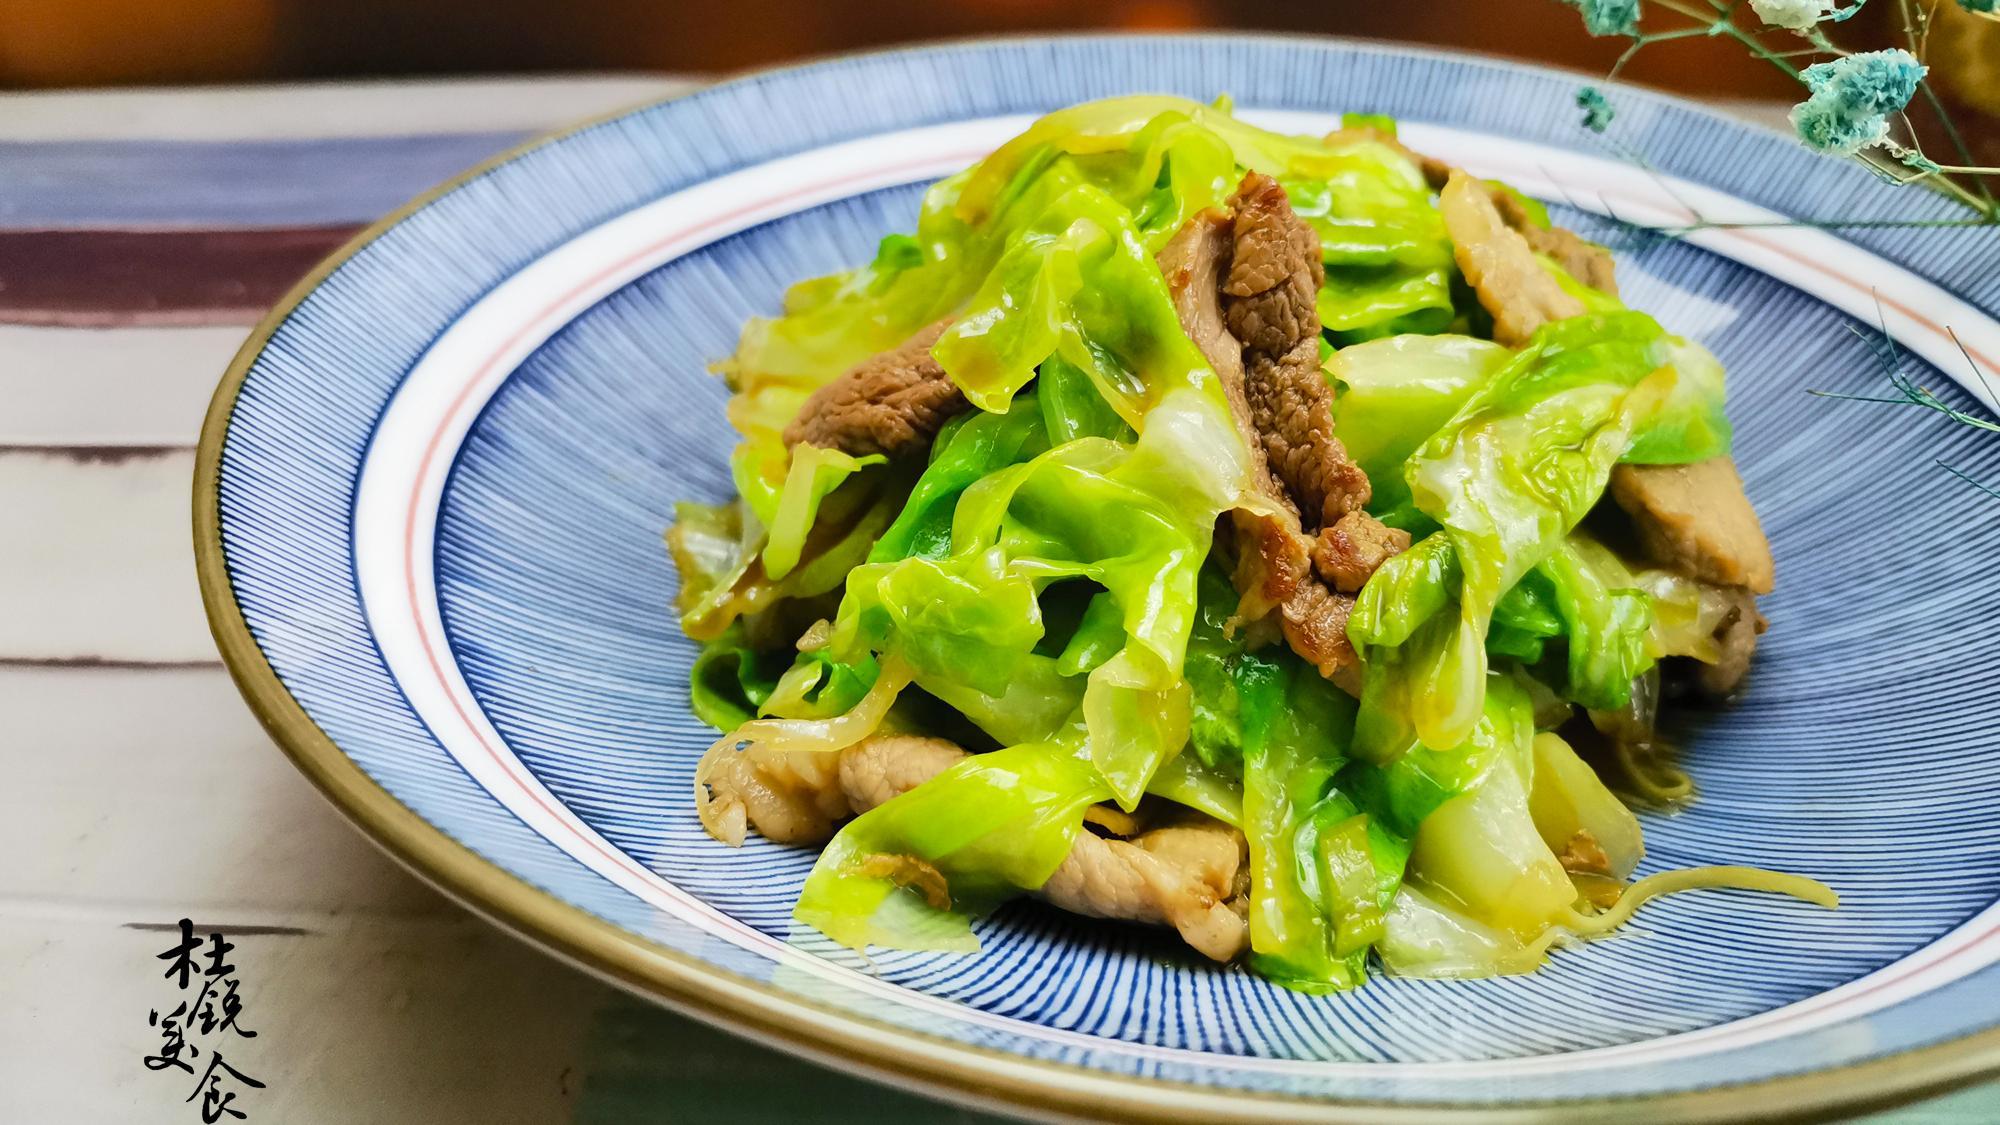 """因价格便宜被嫌弃的蔬菜,却是""""活维生素K丸"""",要常做给家人吃"""